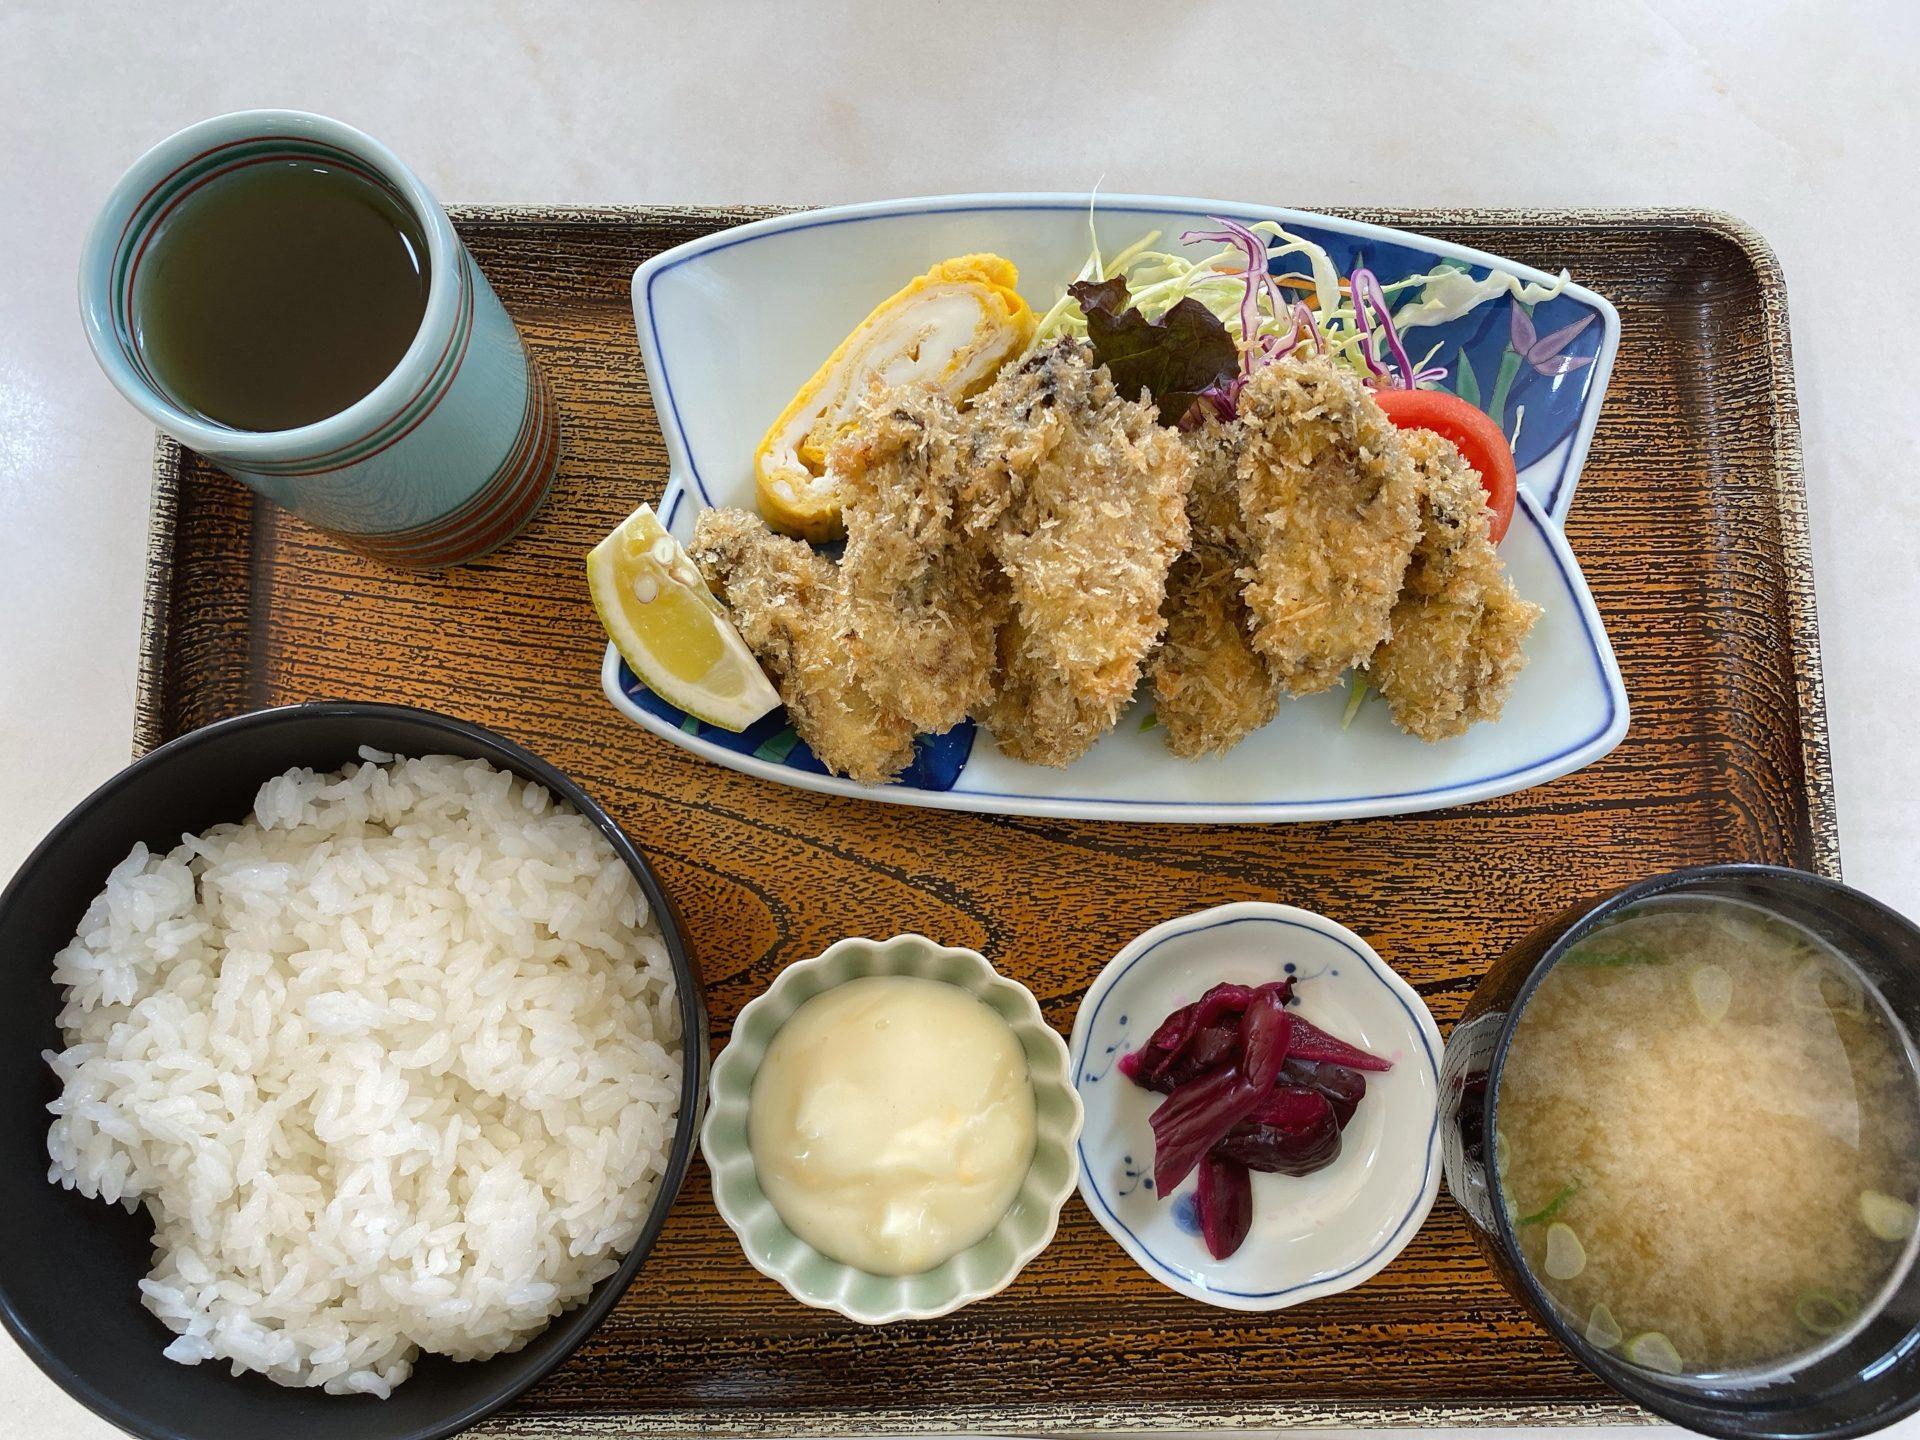 瀬戸内市牛窓 レストラン新月の季節限定カキフライ定食が驚きの690円!他のメニューもコスパ良く、ここは隠れた名店かも!?